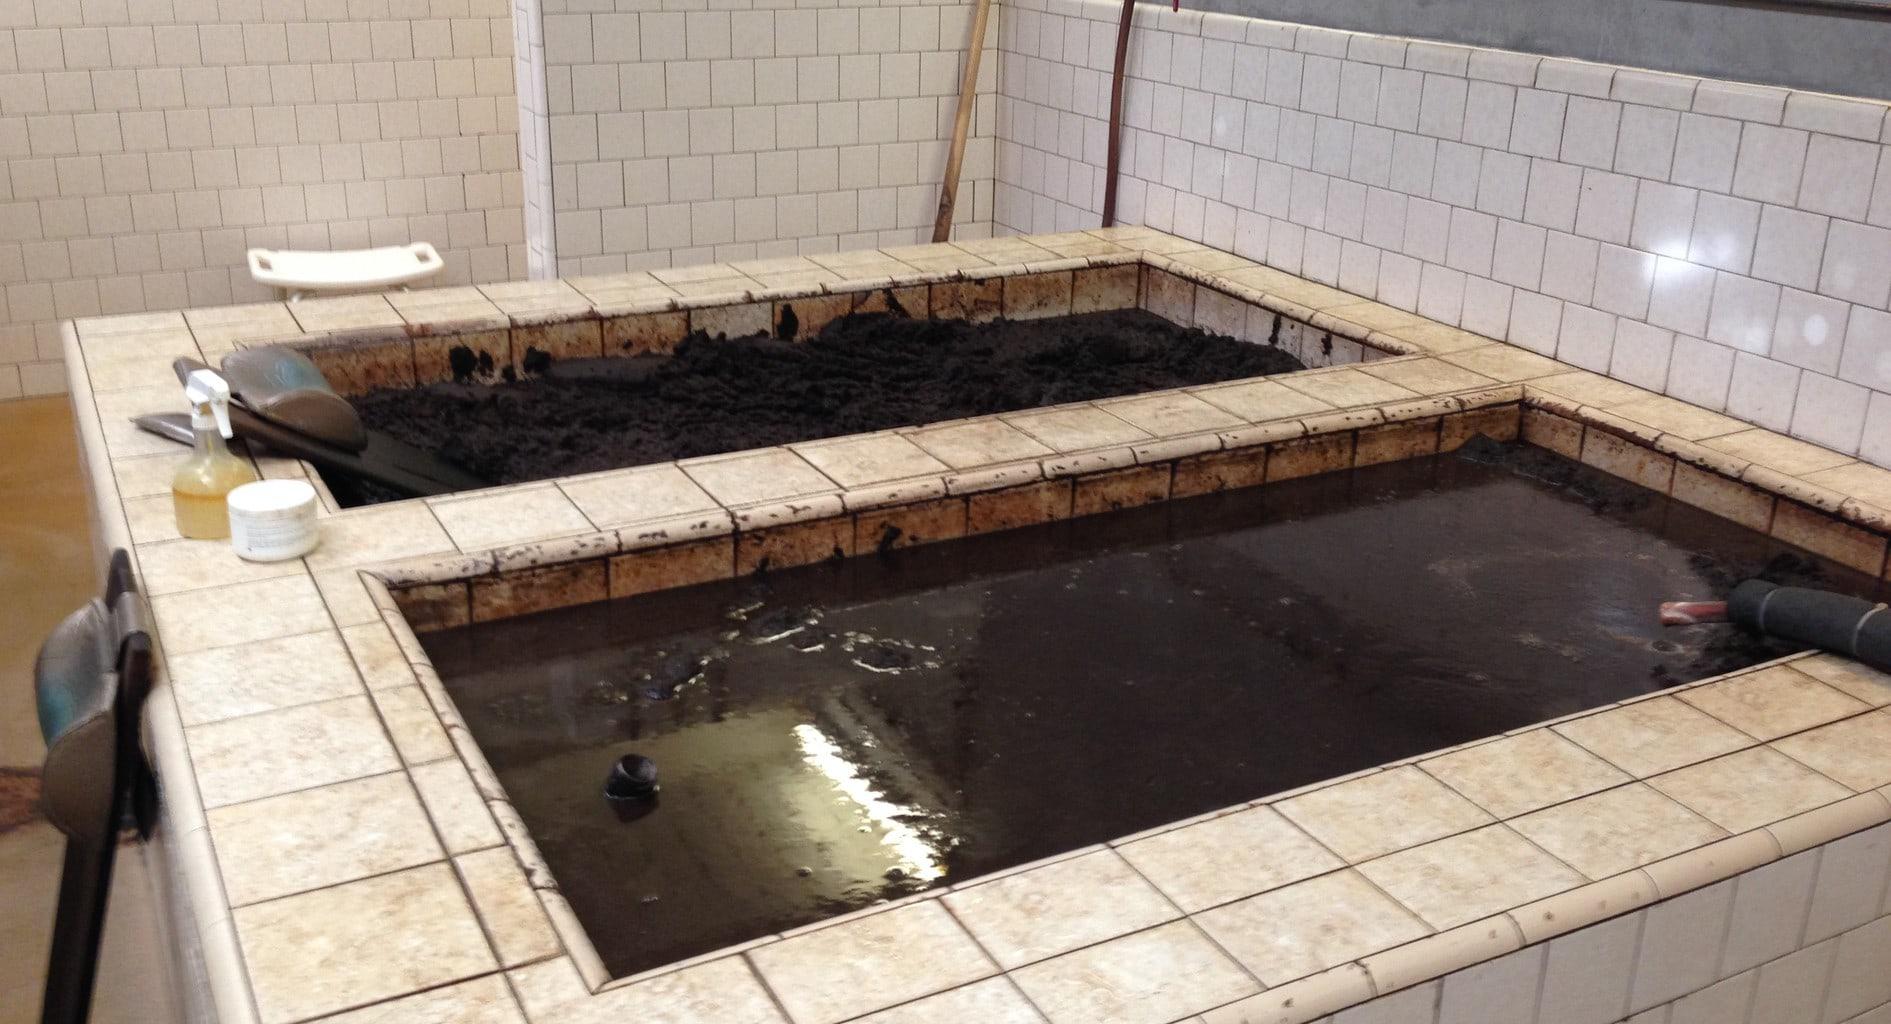 Mud Baths in Napa